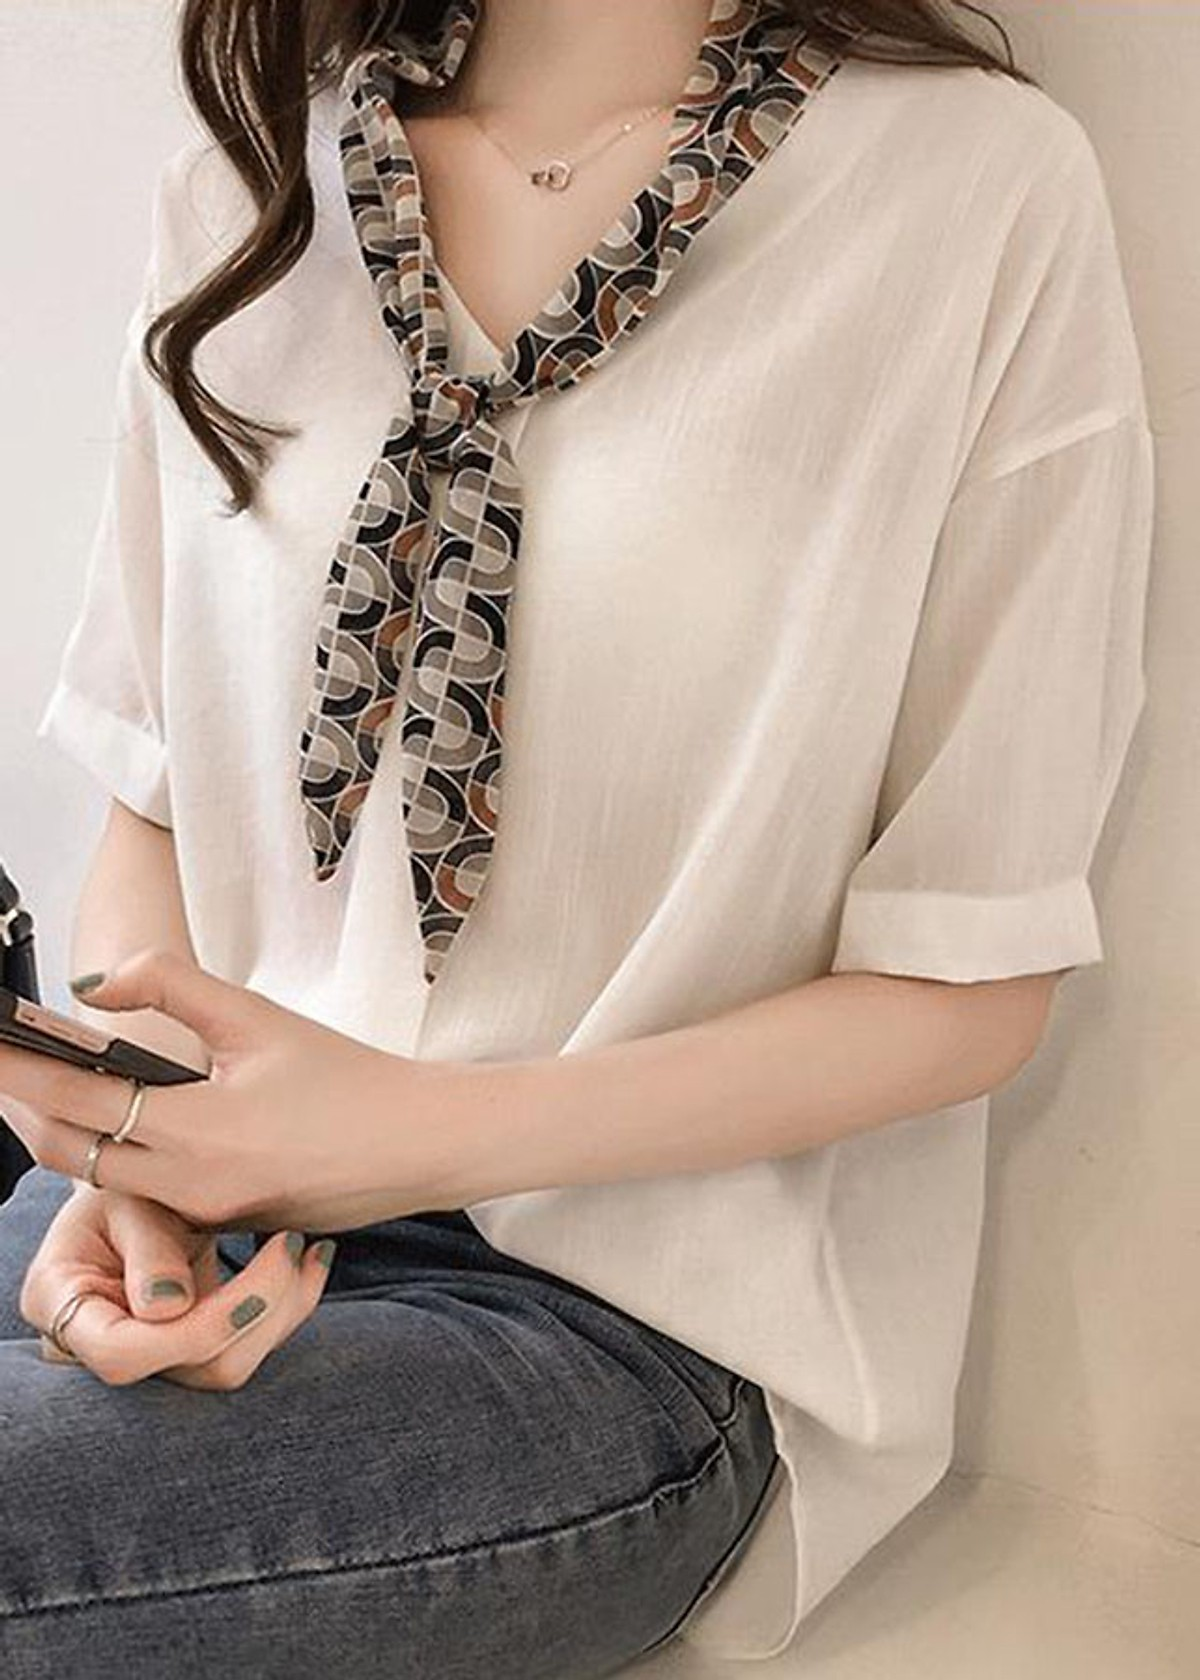 Áo kiểu nữ vai trễ phối cổ nơ ArcticHunter, thời trang trẻ, phong cách Hàn Quốc